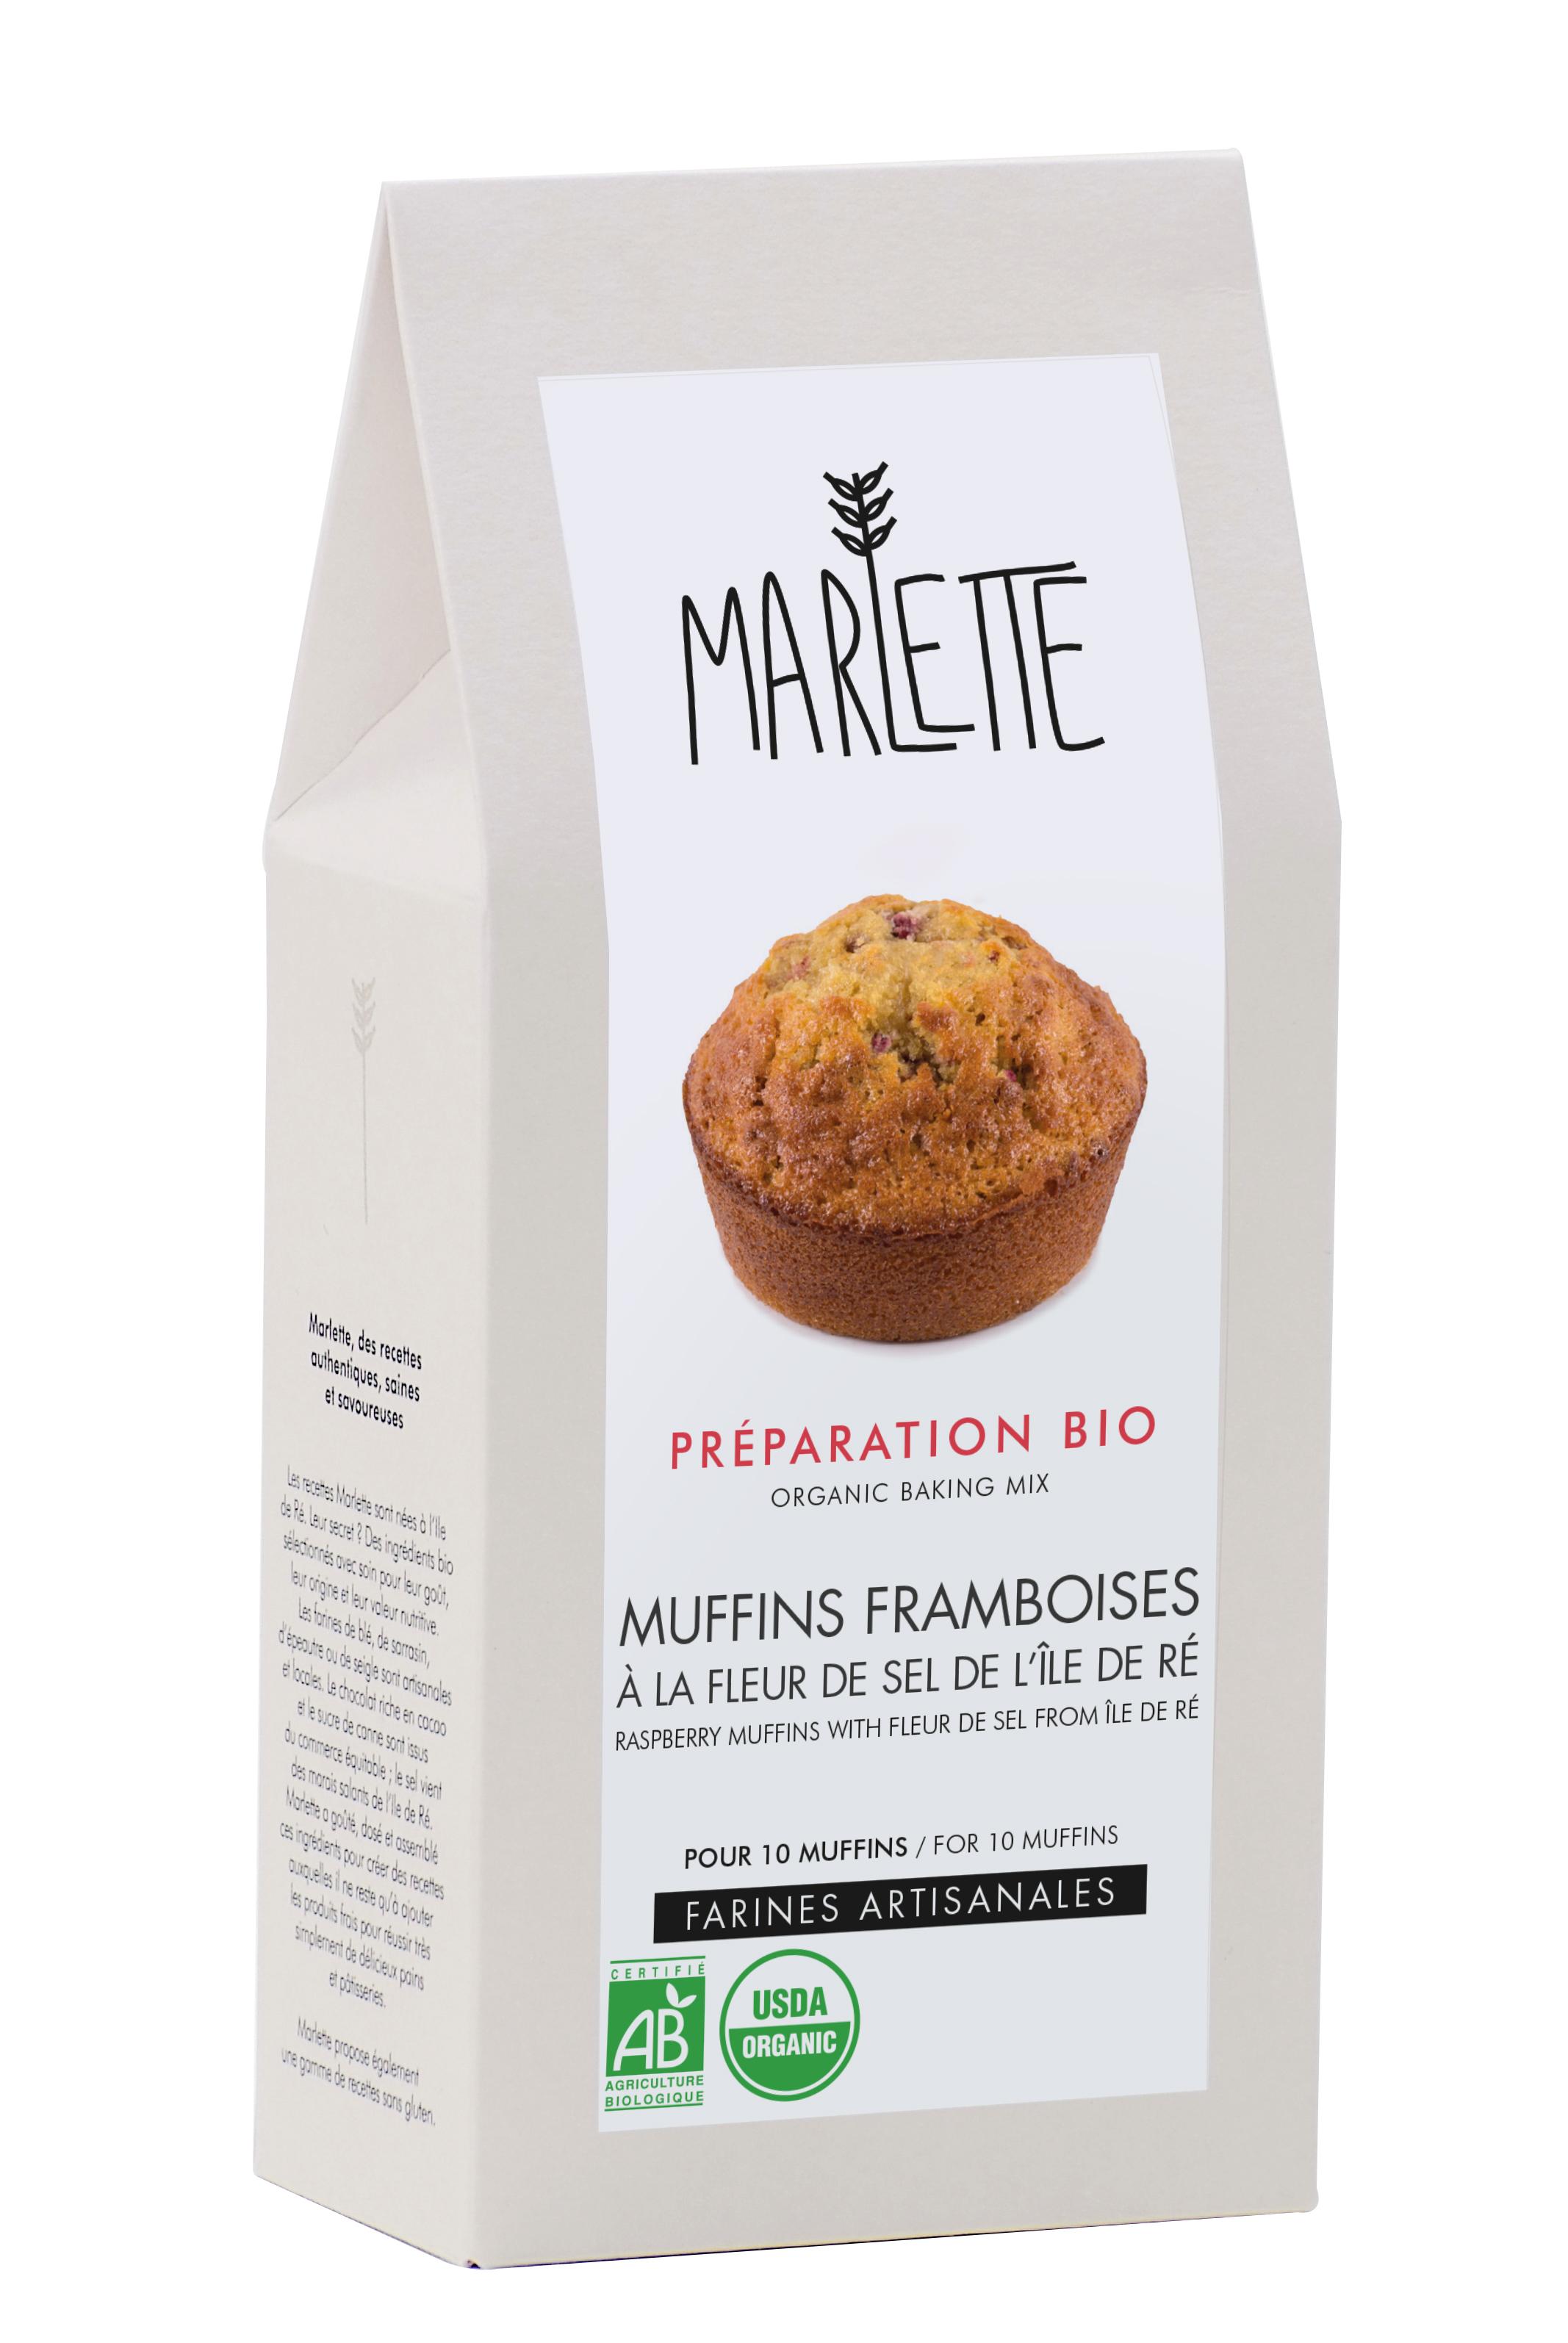 """Préparation """"Muffins framboise à la fleur de sel de l''île de Ré"""" BIO, Marlette (340 g)"""